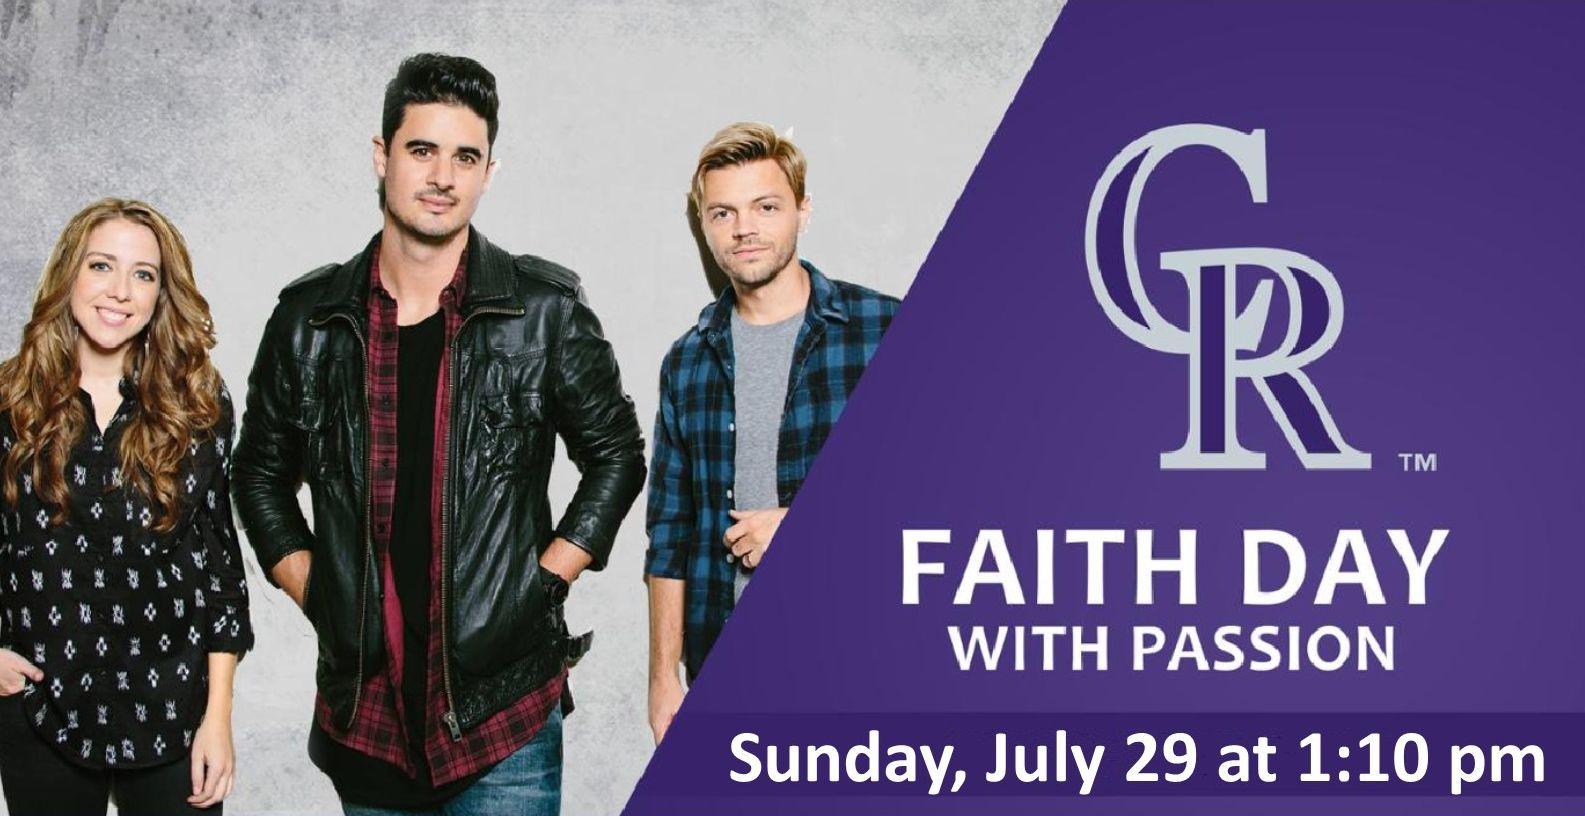 Cr faith day registration